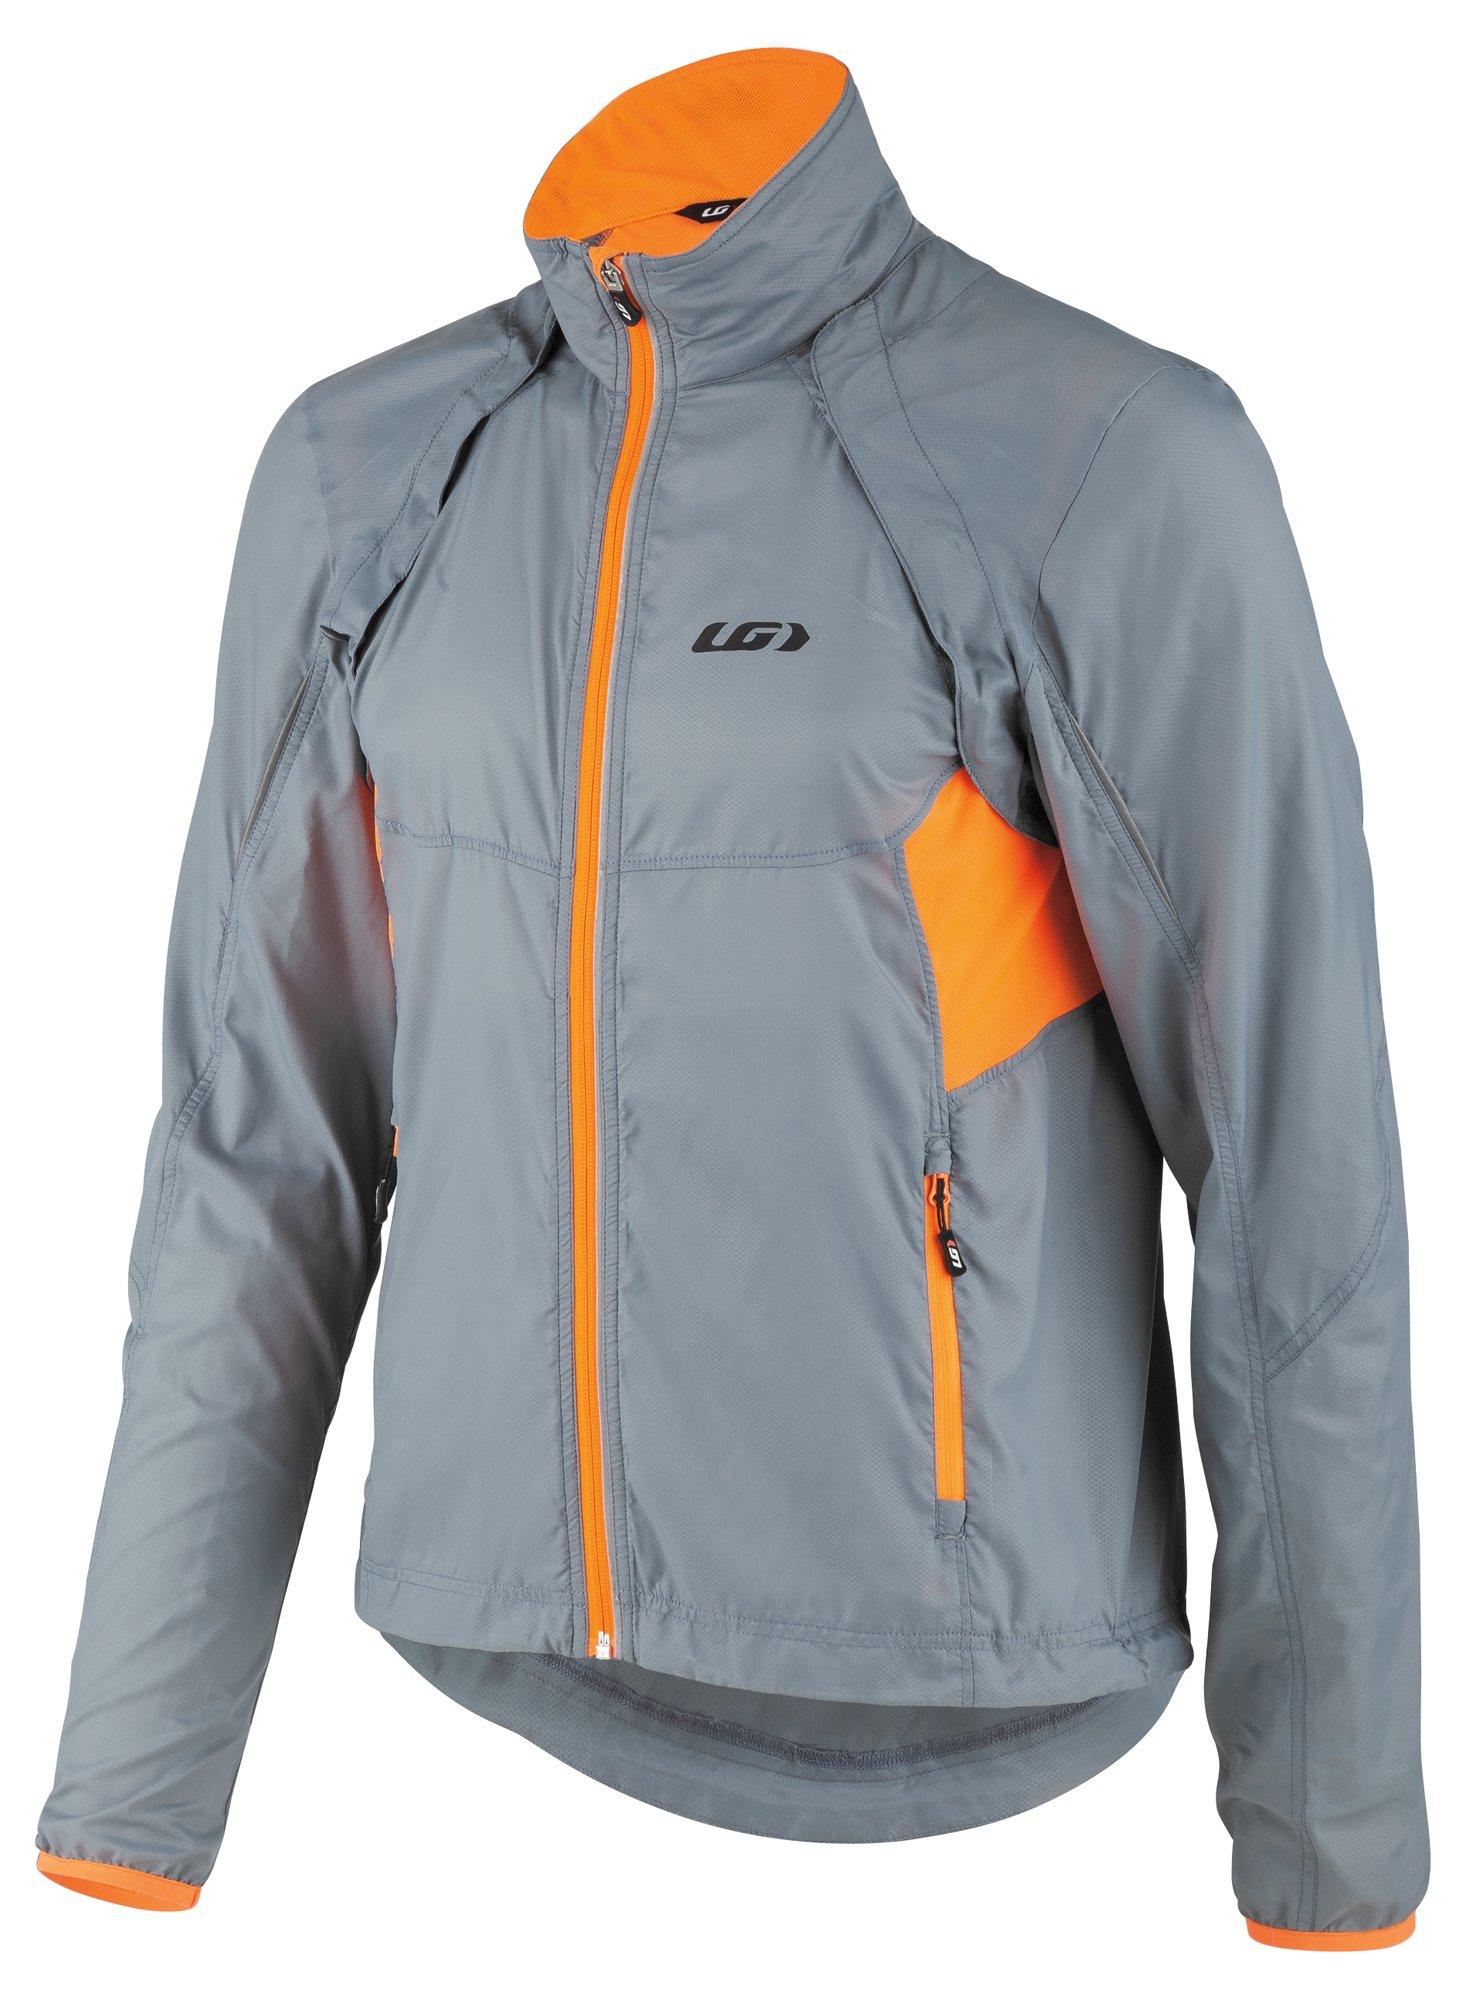 Louis Garneau - Cabriolet Bike Jacket, Steel, Medium